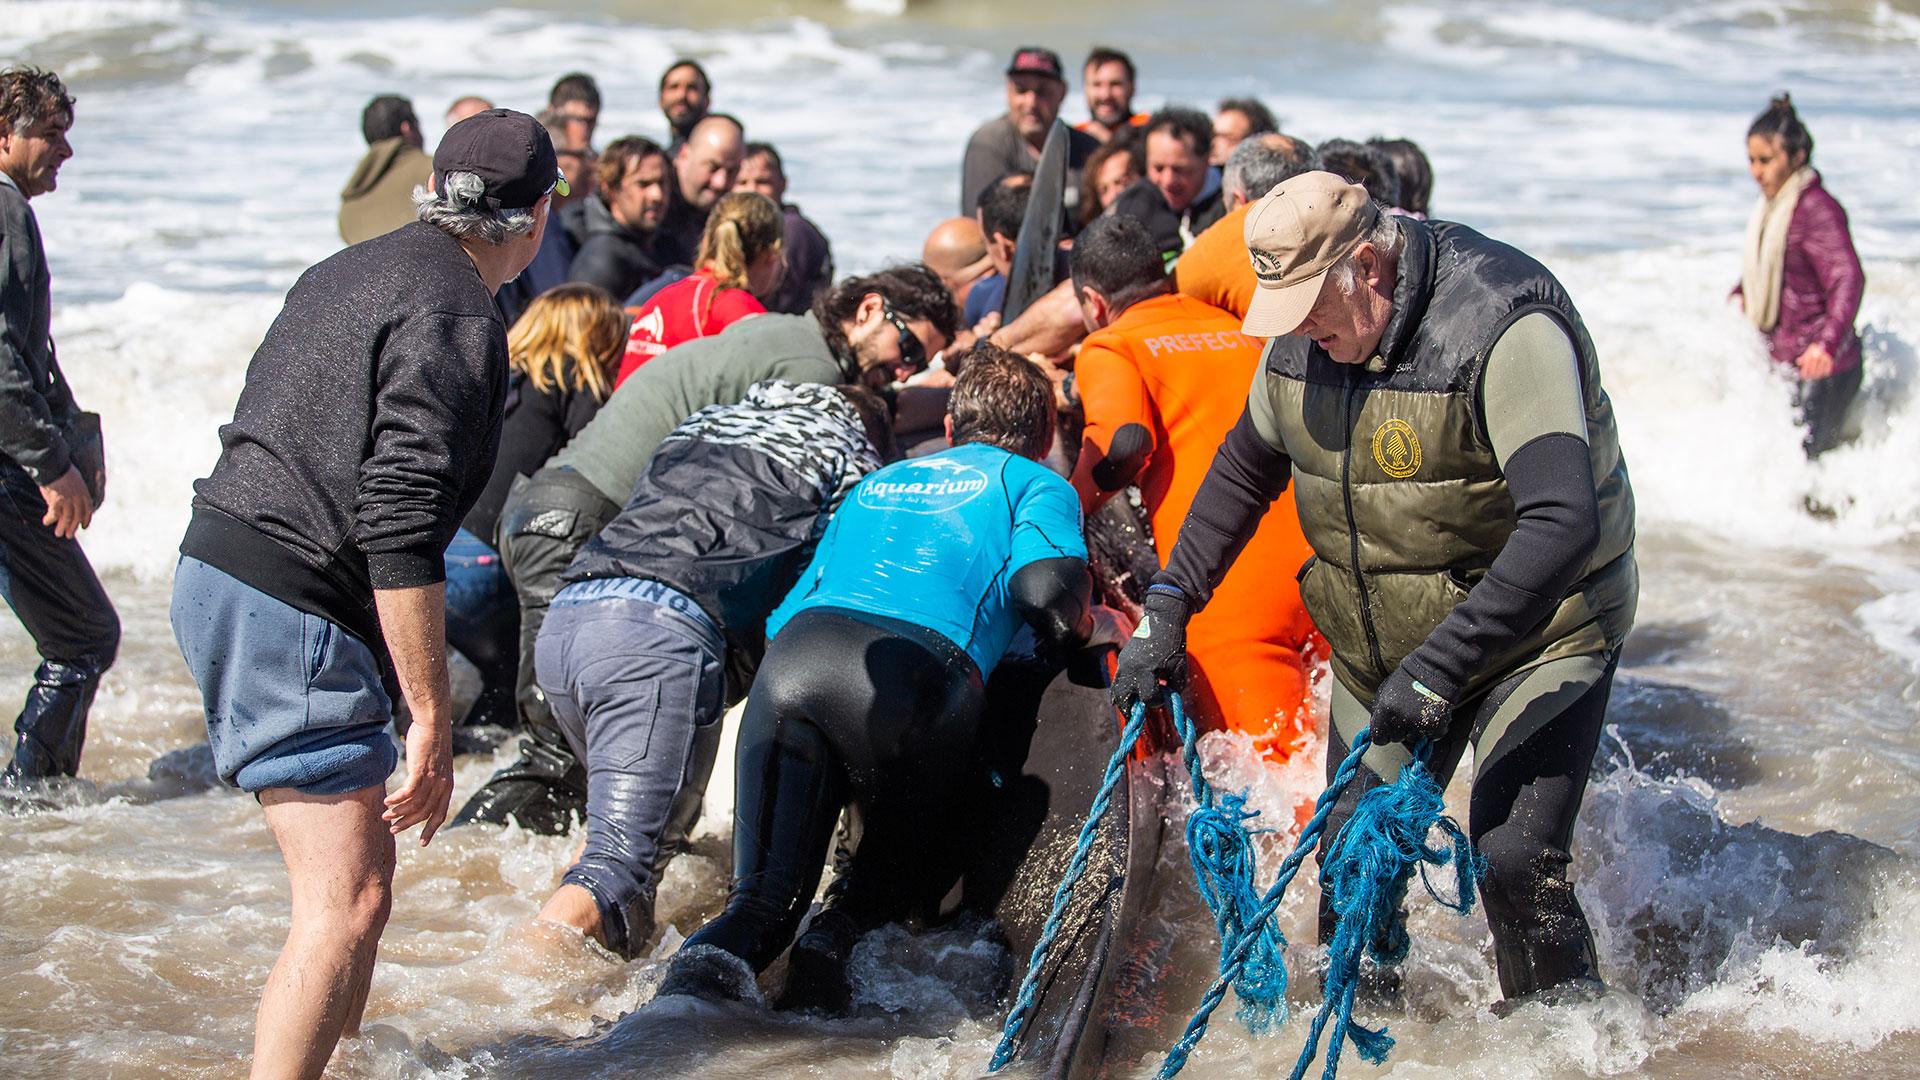 Los voluntarios que asistieron al operativo de rescate fueron vecinos, jóvenes de colegio, biólogos de la Universidad de Mar de Plata, guardavidas, miembros de Defensa Civil, bomberos de destacamentos de Santa Clara del Mar y Costa Norte y personal especializado de Prefectura